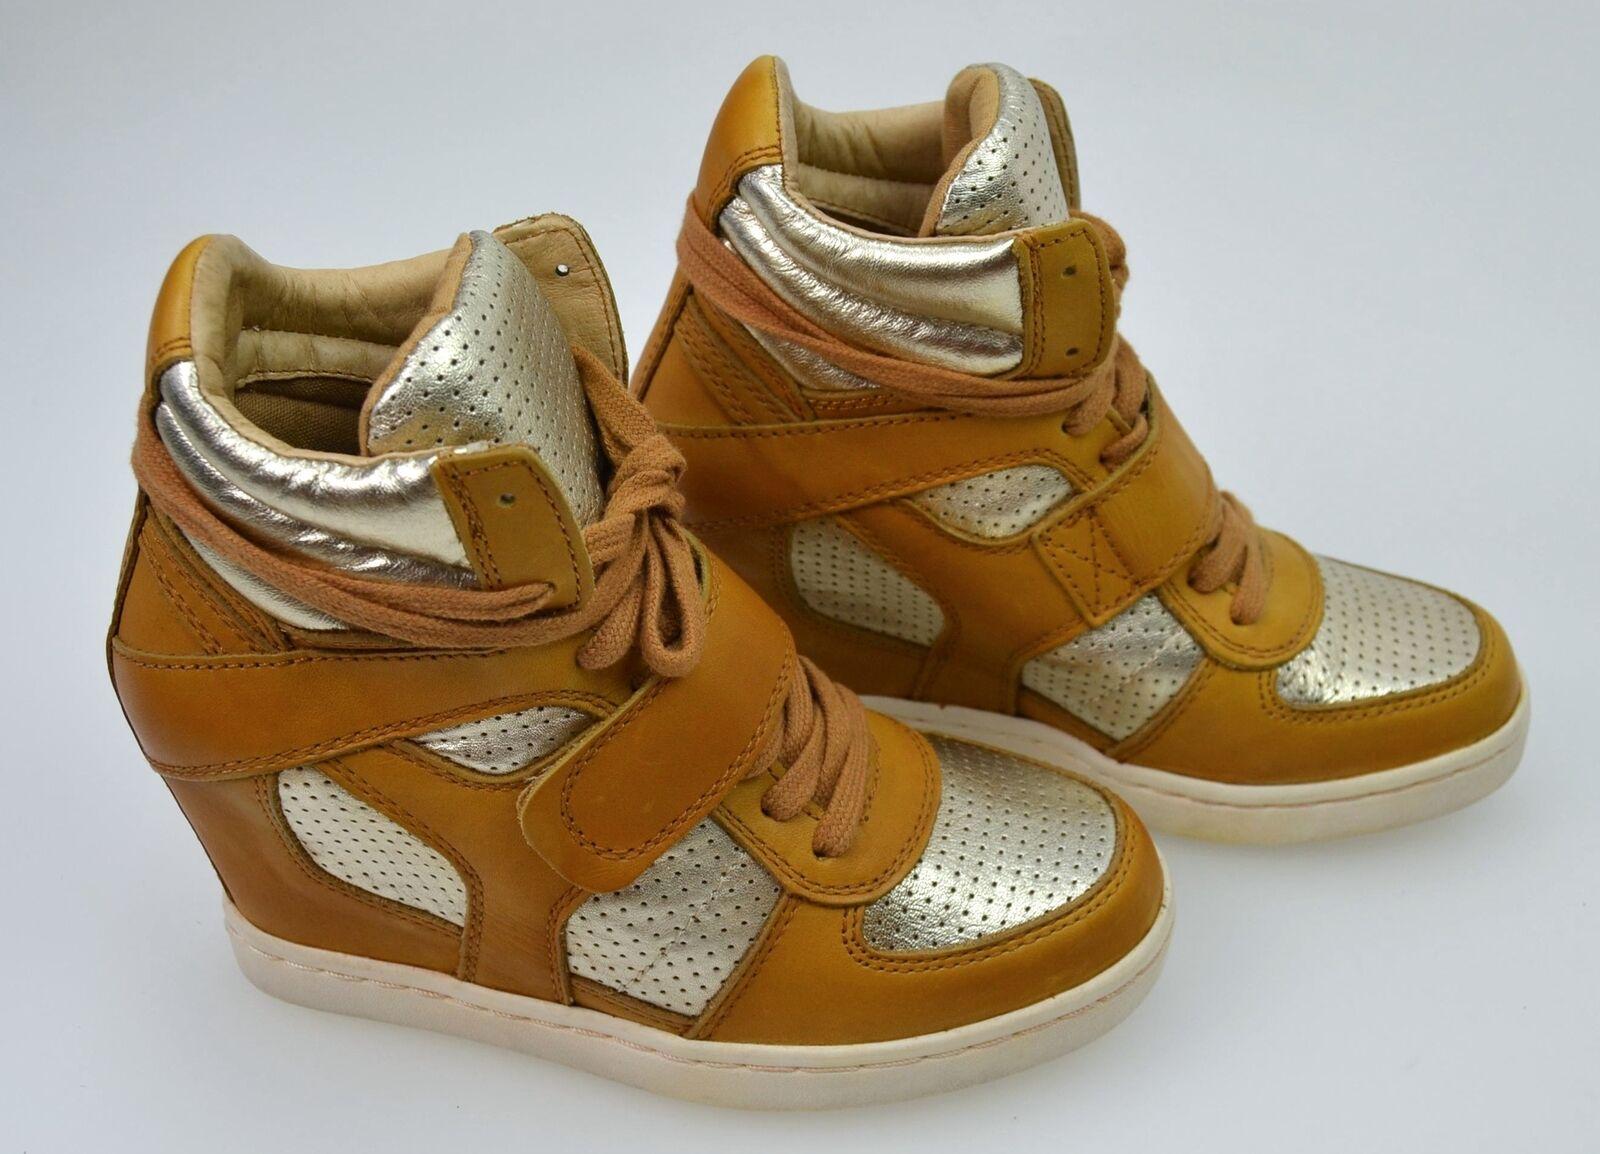 ASH  DONNA CASUALE scarpe da ginnastica SHOWS with INSIDE WEDGE COOL COOL BIS 8440  Garanzia del prezzo al 100%